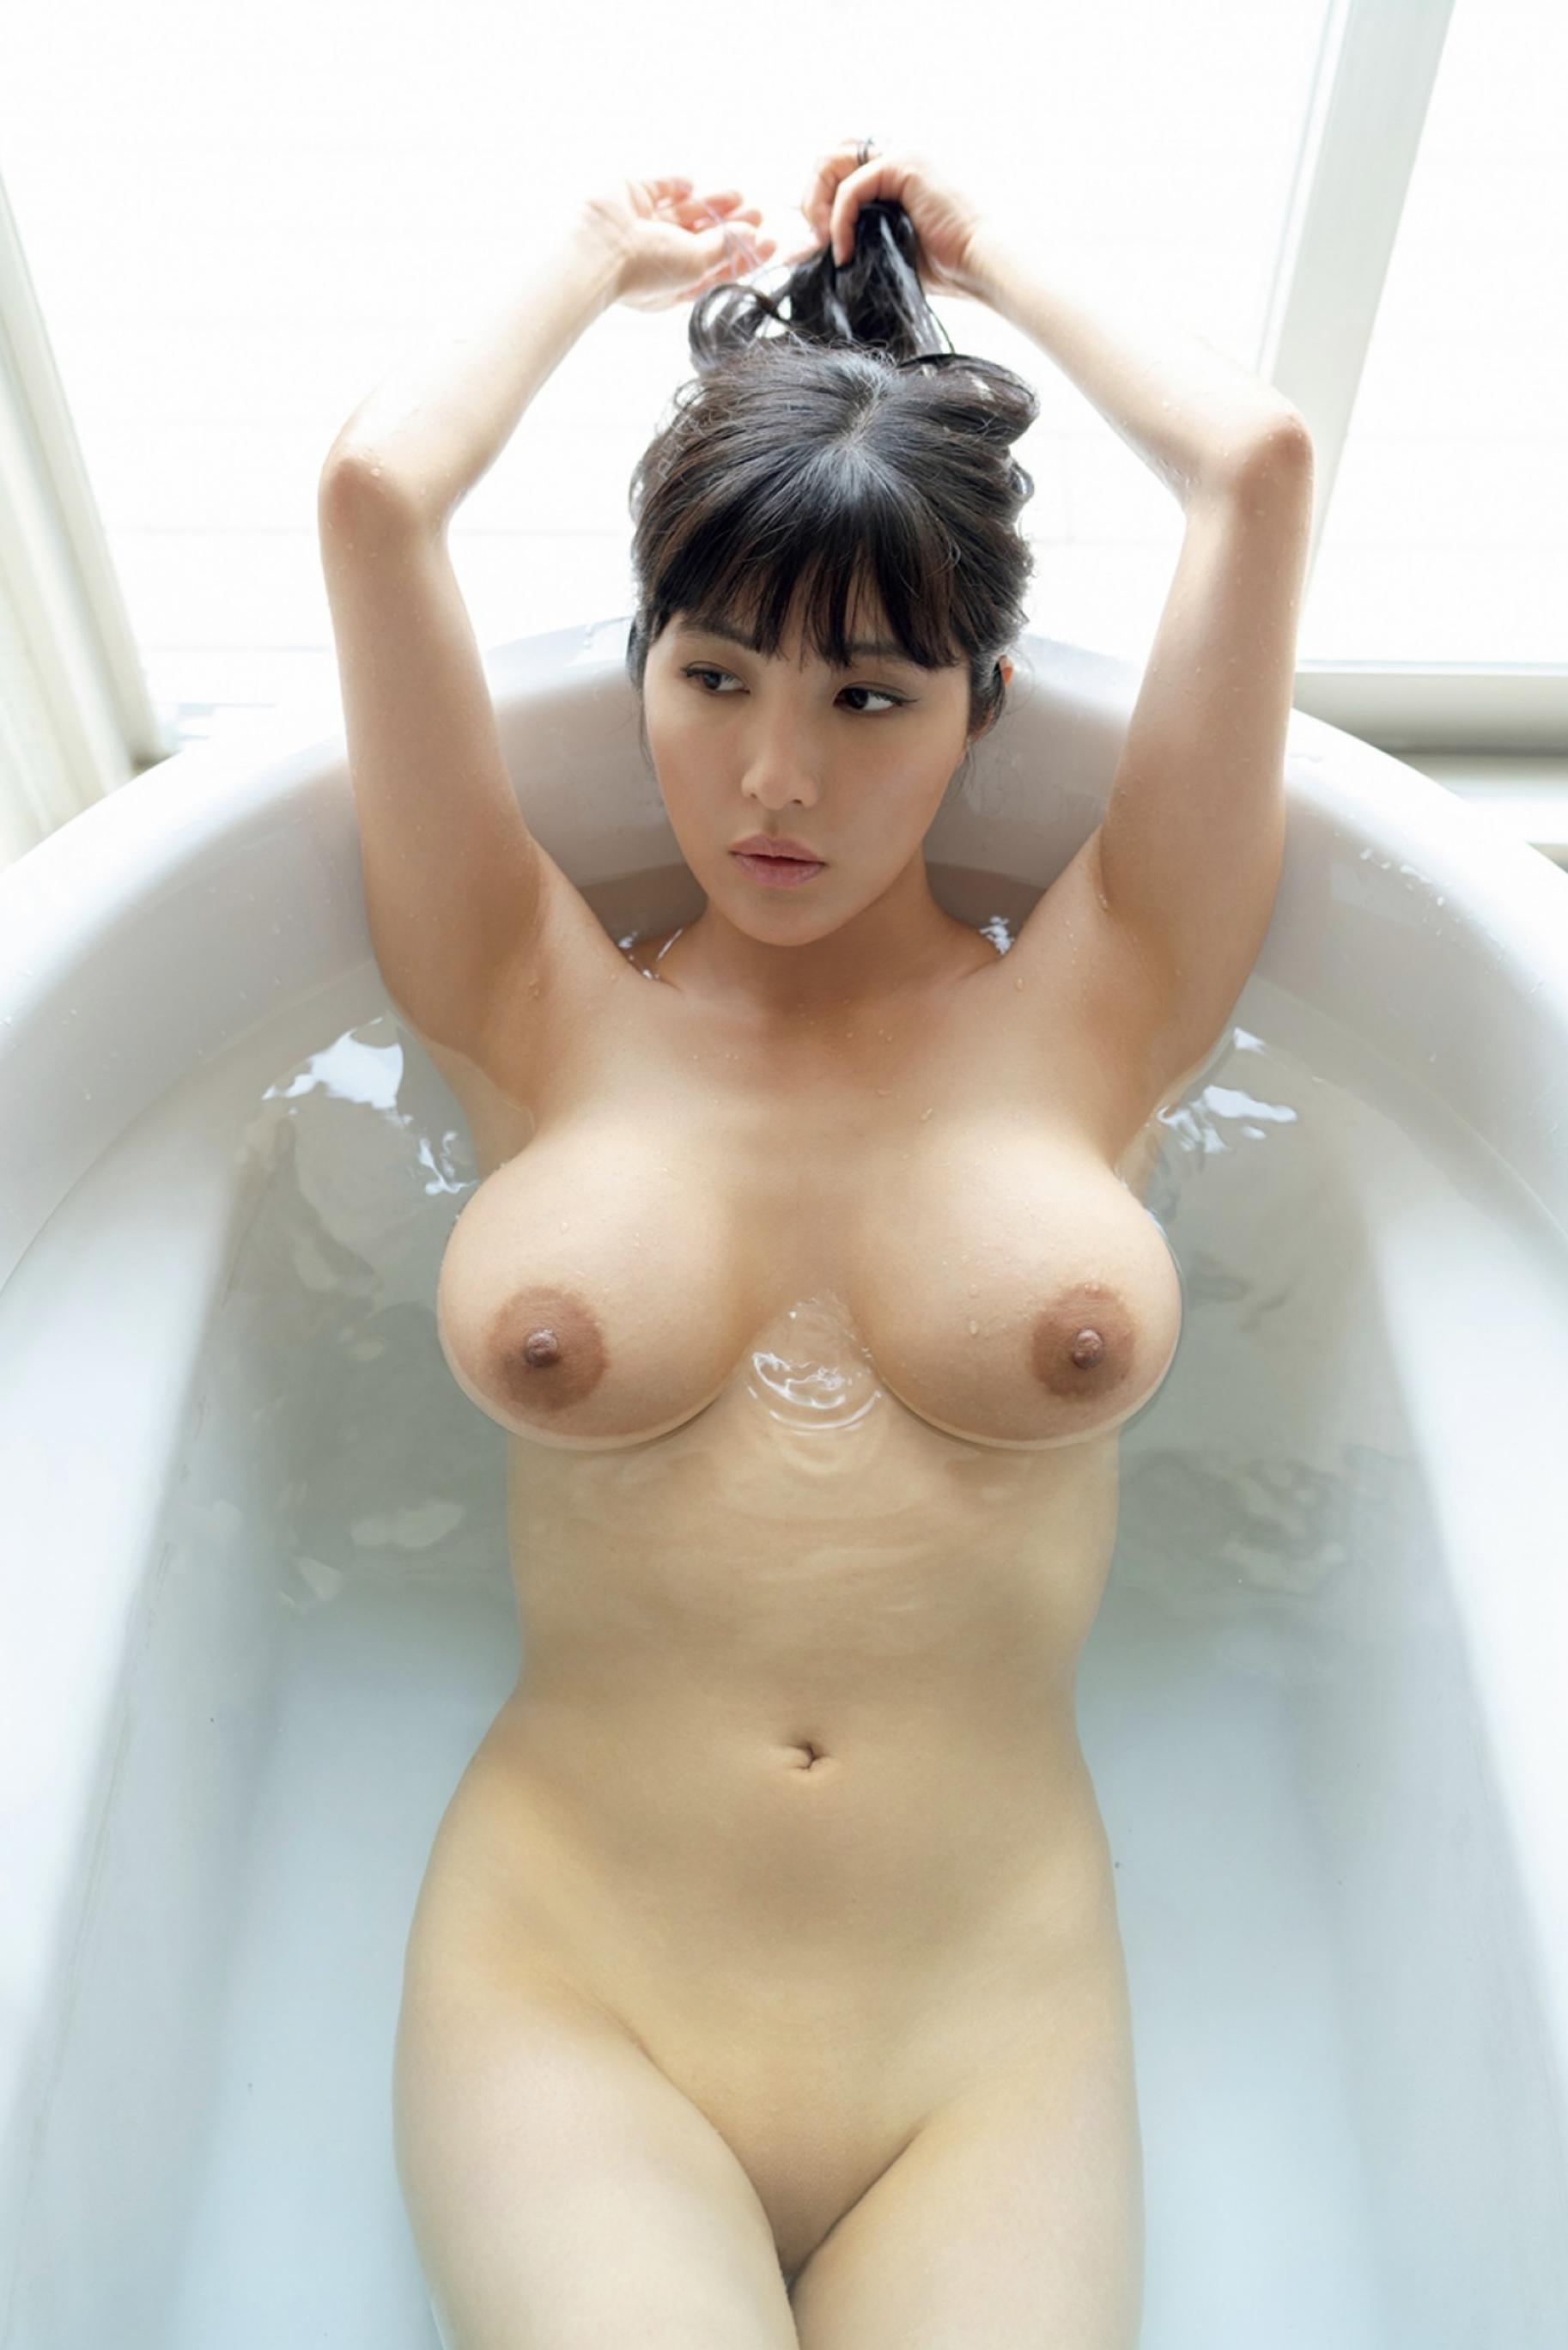 渡辺万美 Hカップ ヌード プレイメイト グラビア 画像 006